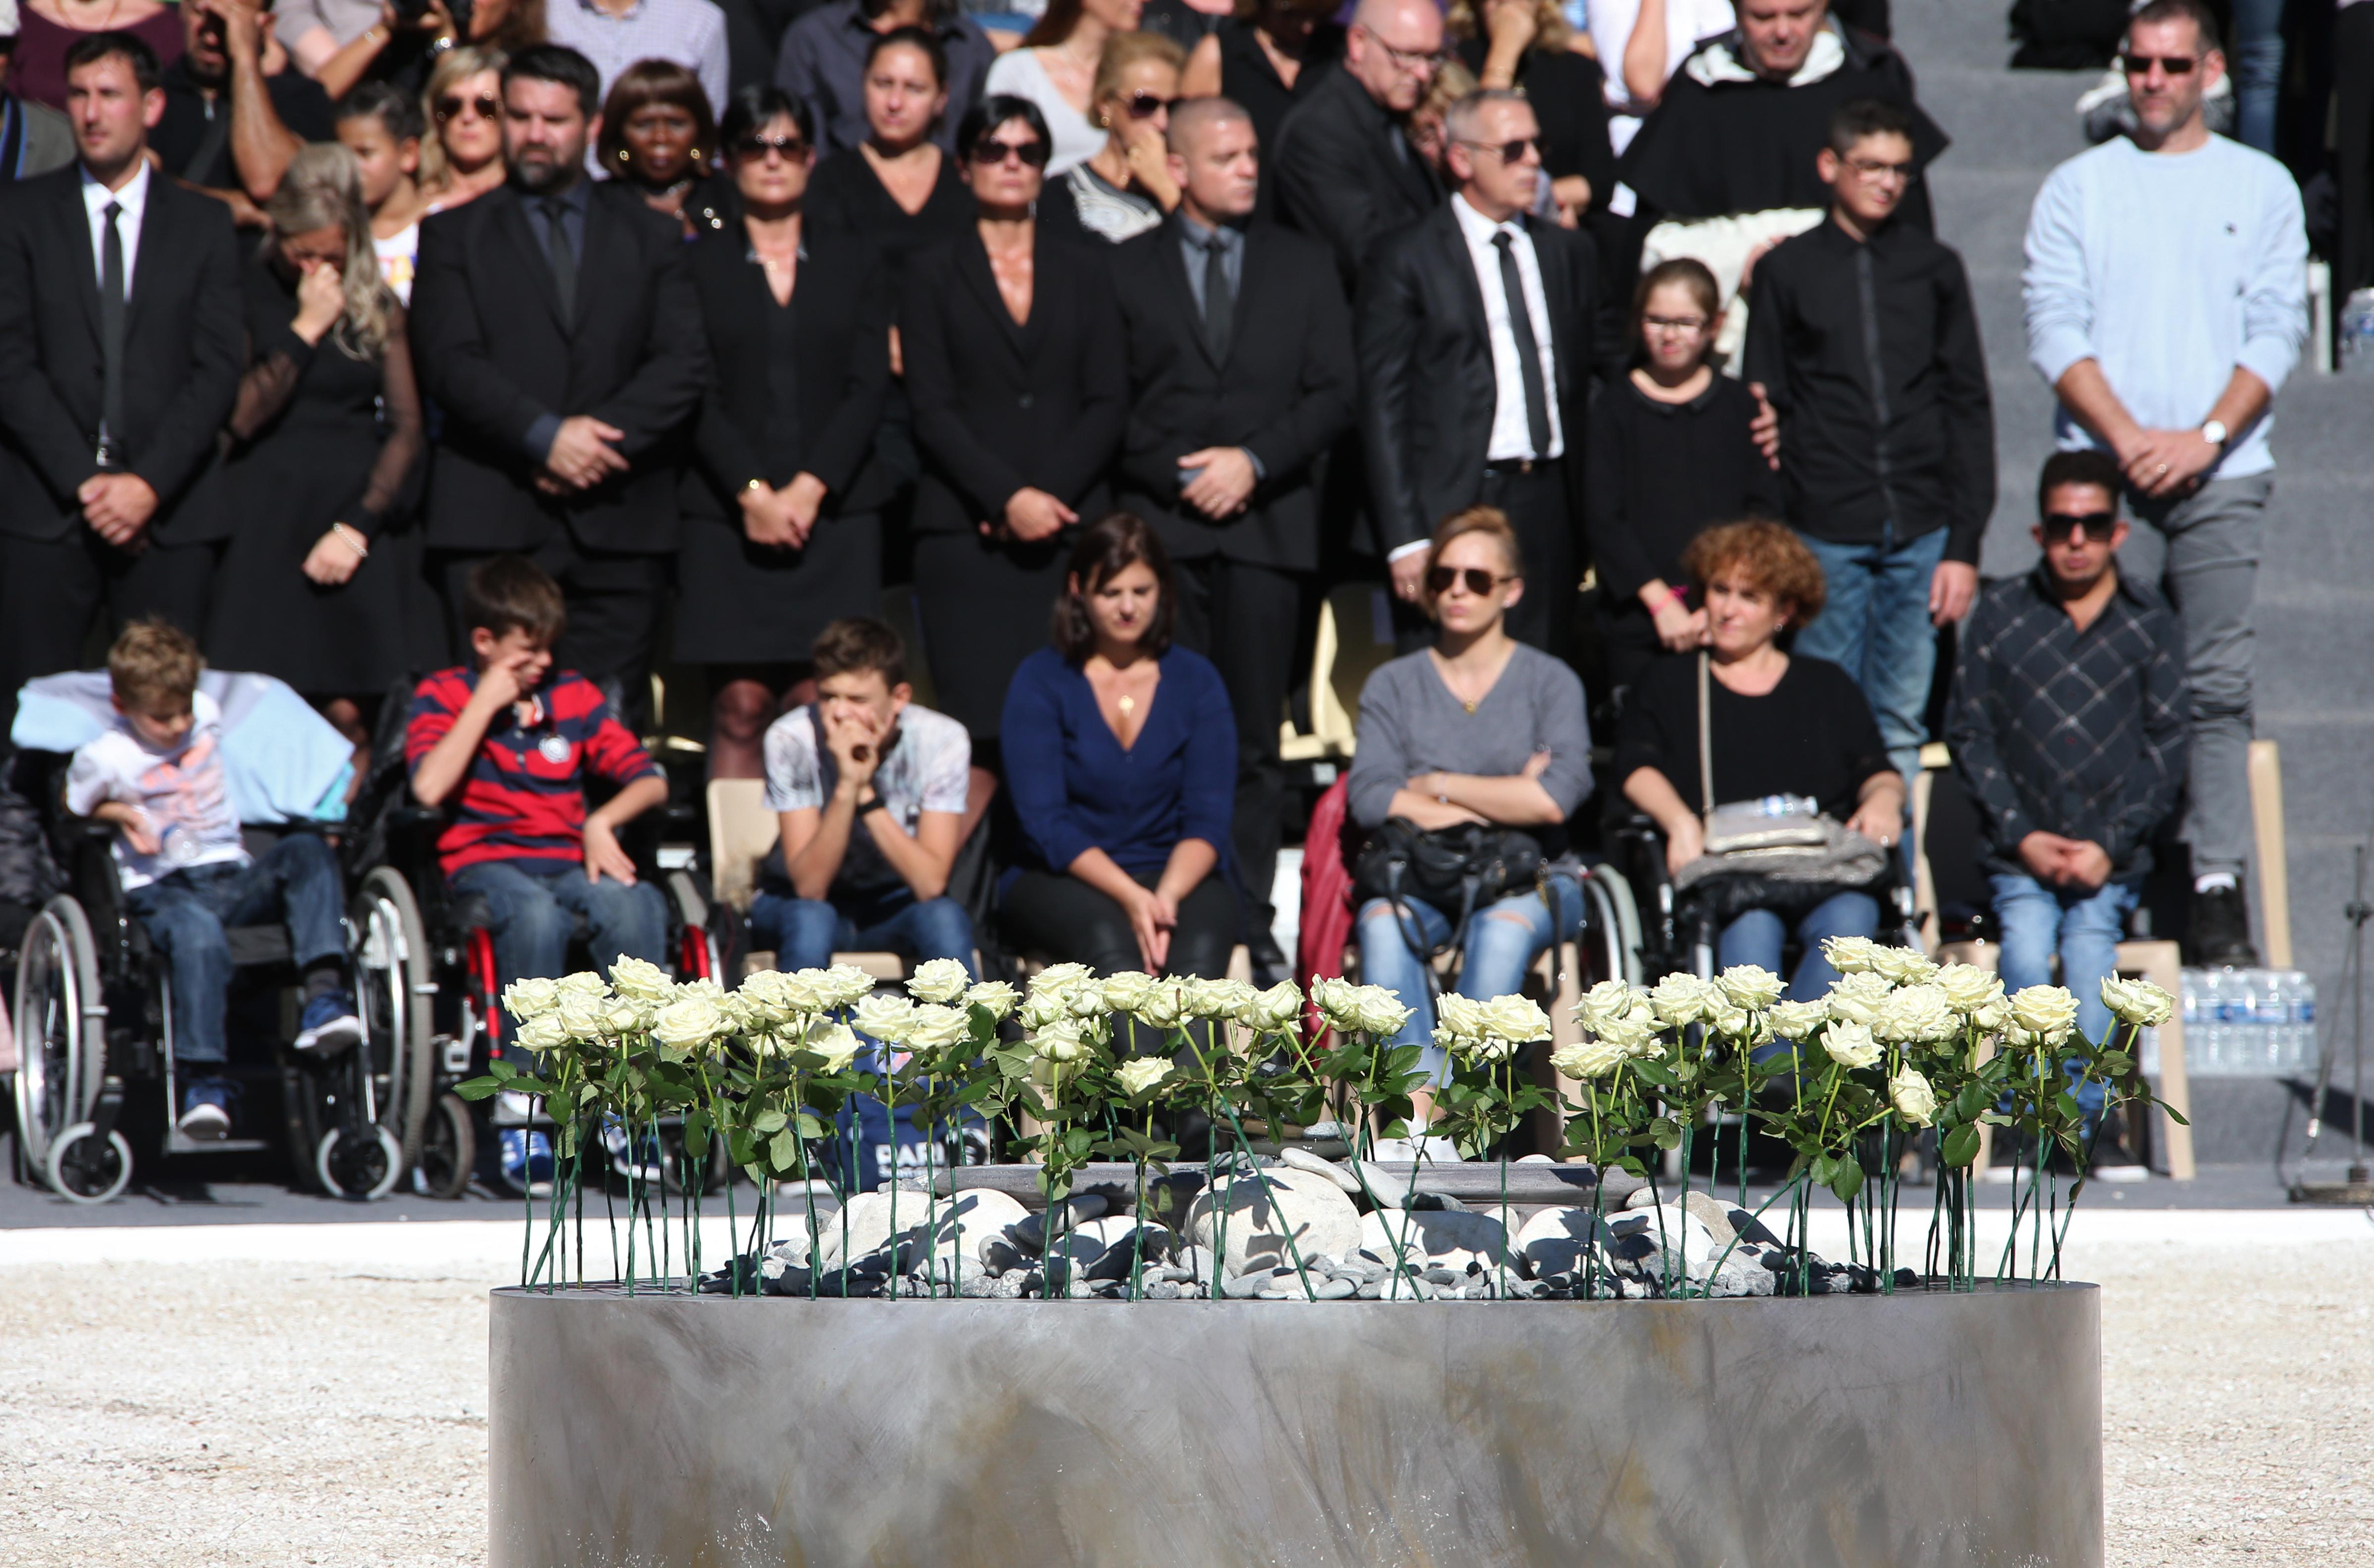 În centrul pieții, unde a avut loc ceremonia au fost depuși 86 de trandafiri albi, câte unul pentru fiecare victimă